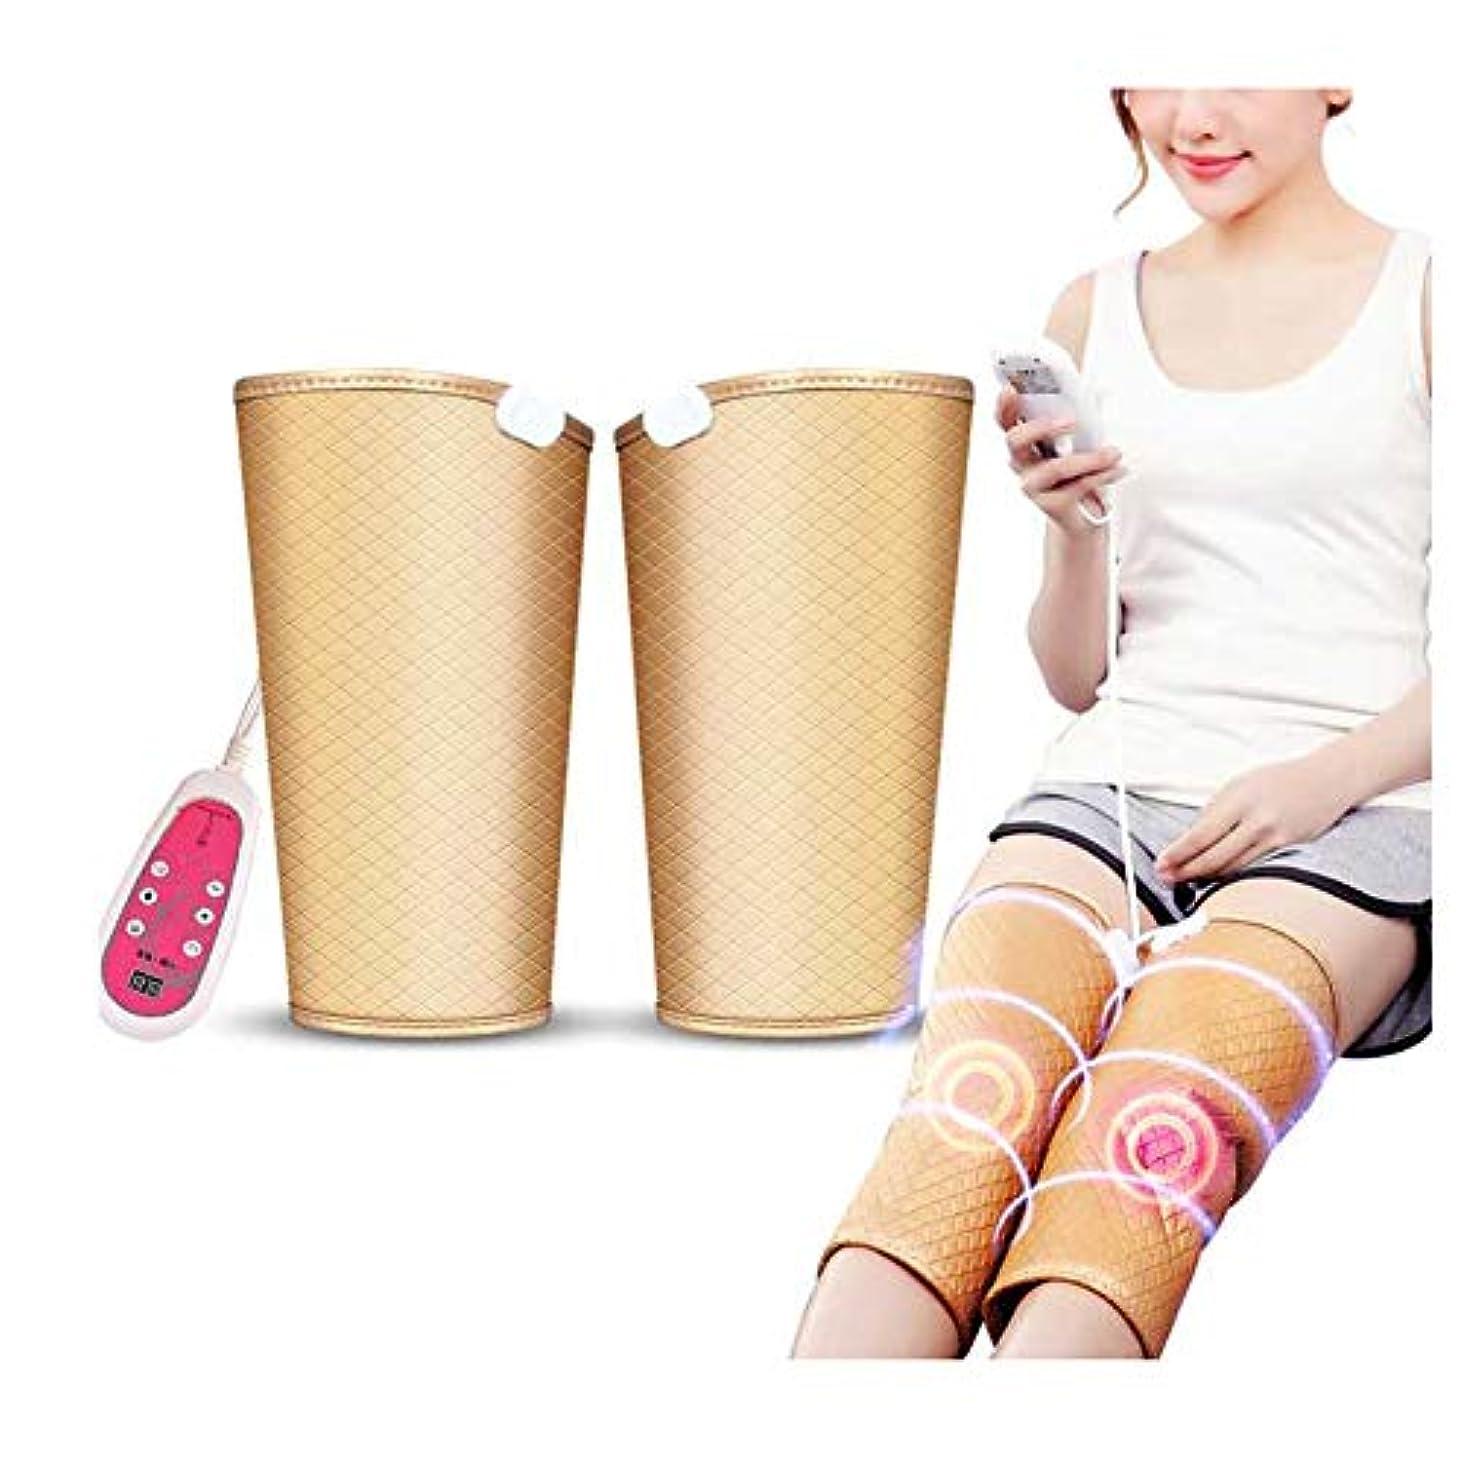 口キャッチオークション暖房膝サポート9マッサージモードと膝のけがのための5つの速度でラップ膝温めラップパッド療法マッサージャー